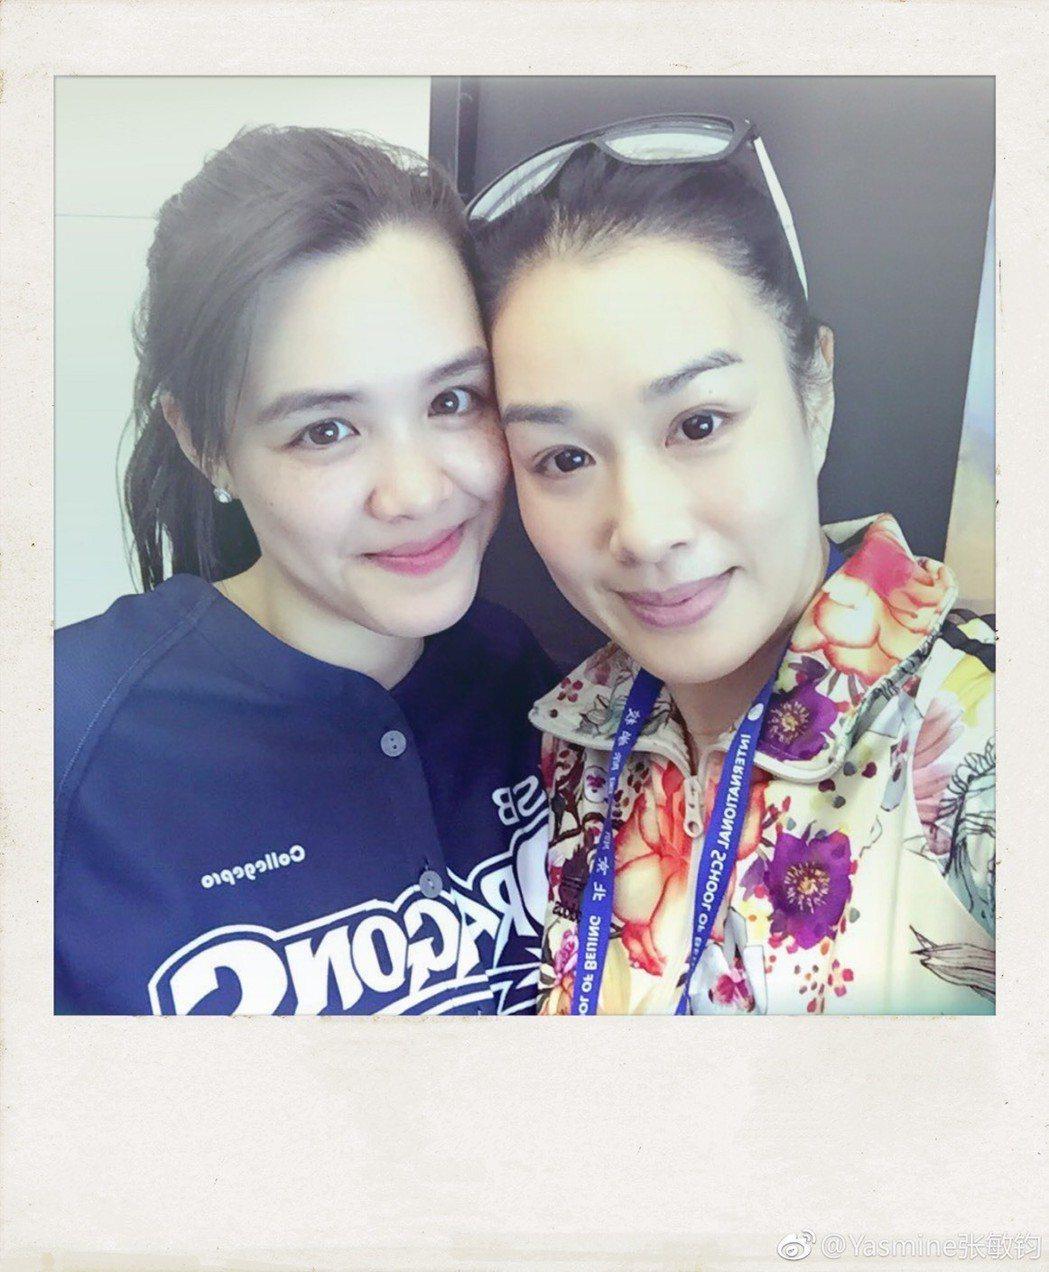 鍾麗緹和女兒的相處像朋友。圖/摘自Yasmine微博